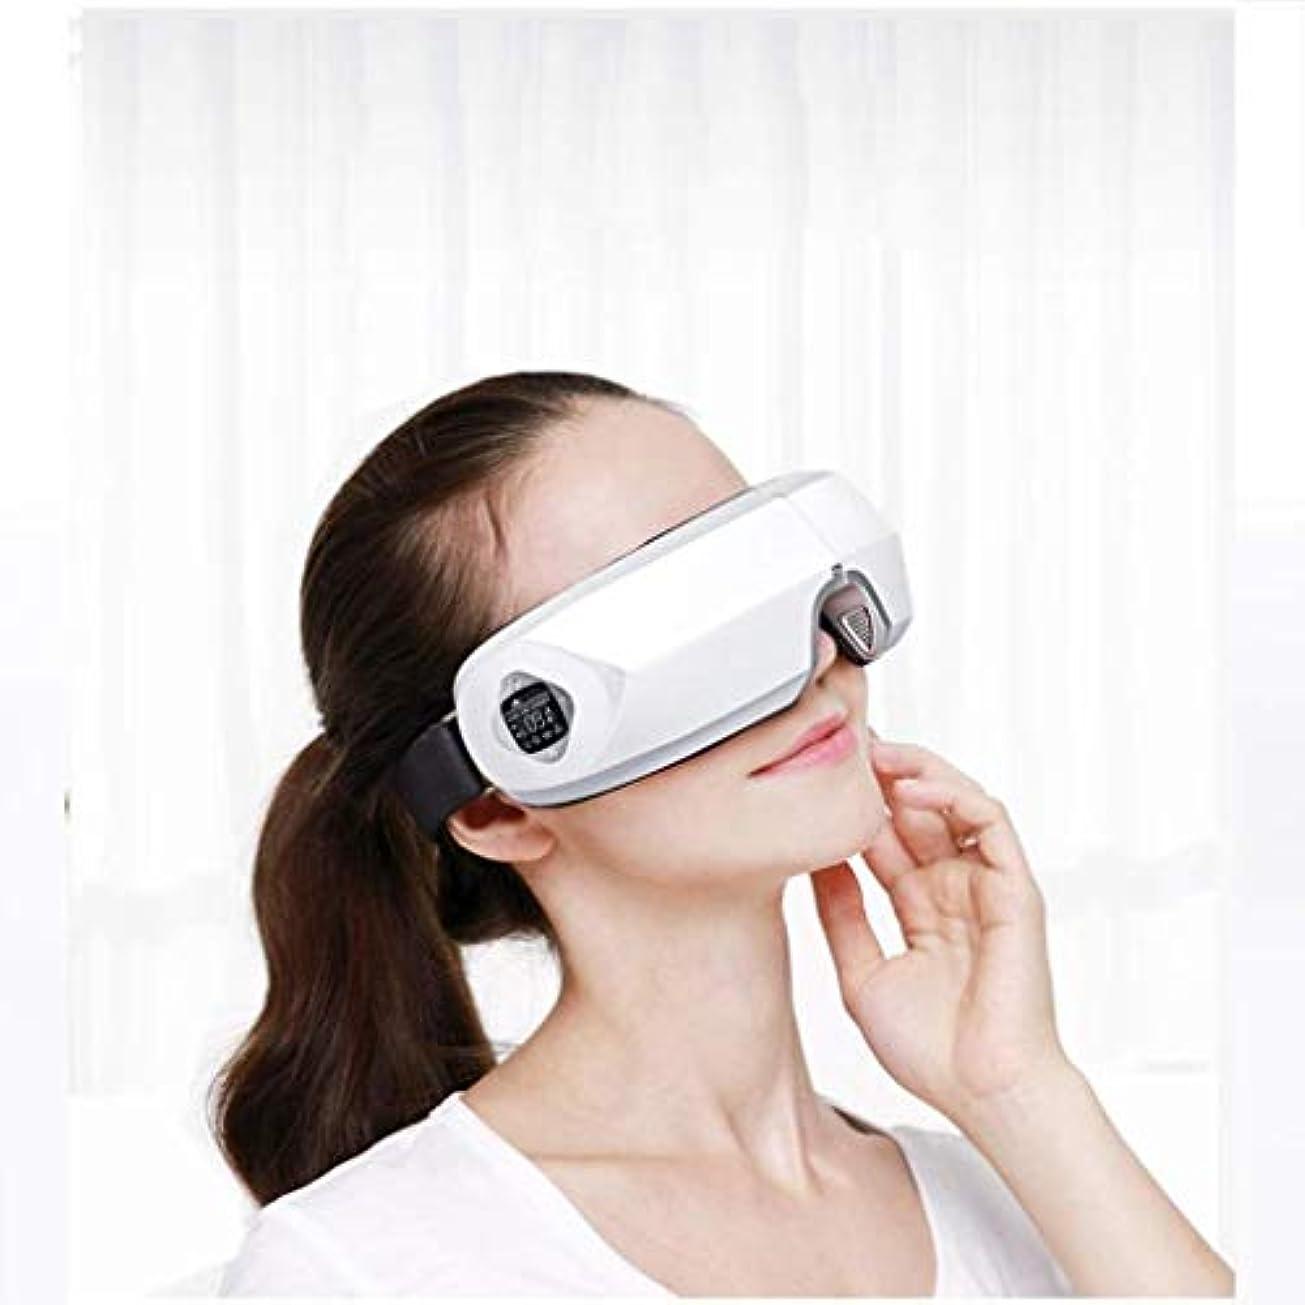 振り子はっきりとギャングアイマッサージャー、折り畳み式ポータブルマイナスイオンアイマッサージアイプロテクター、視力を保護し、疲労を軽減する熱アイマスク